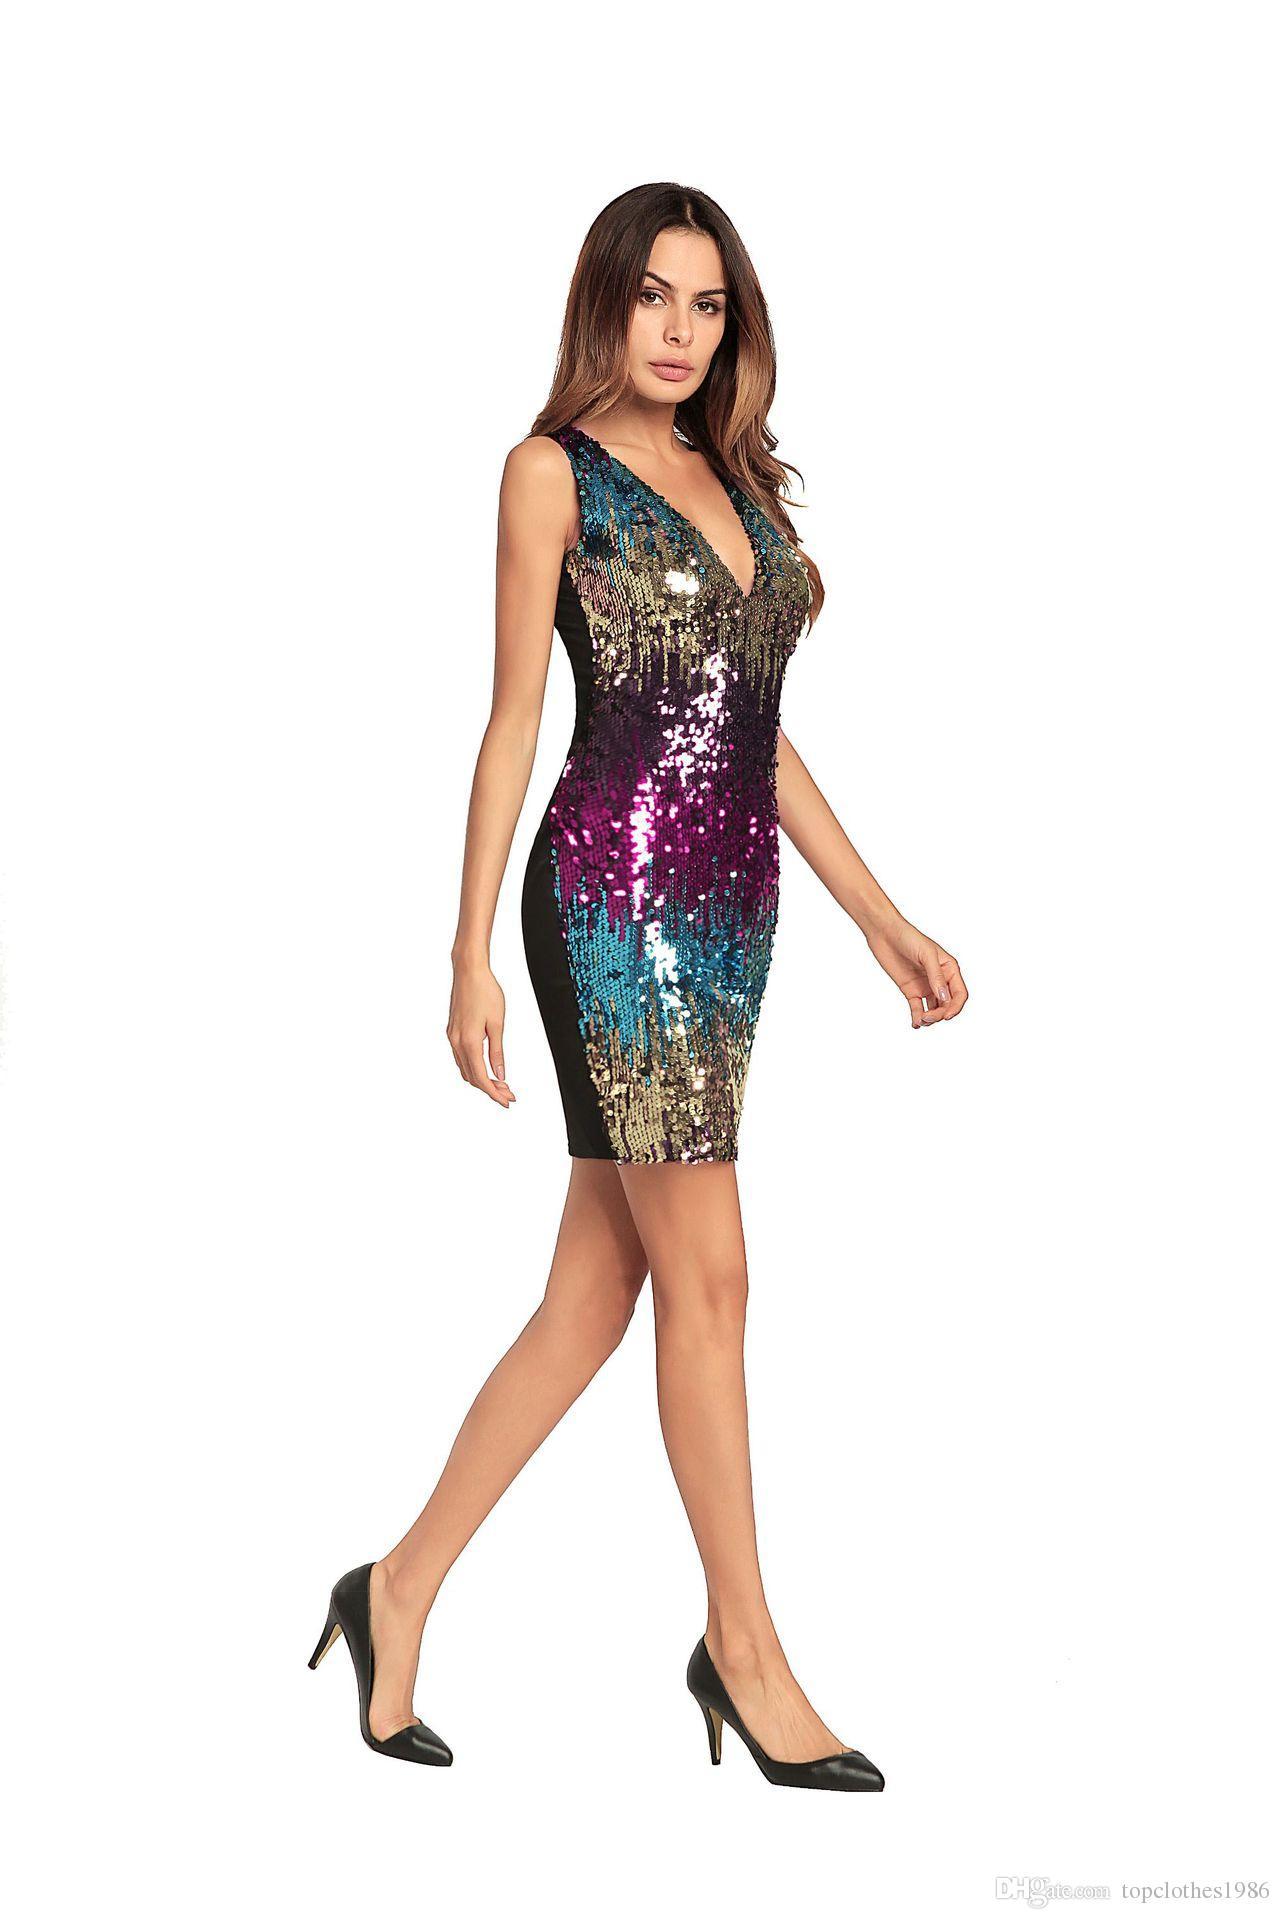 Yüksek kalite kadın Moda parti Elbise Kolsuz V Yaka Seksi elbise sequins Bodycon Elbiseler 3 renk Boyutu SMLXL2XL